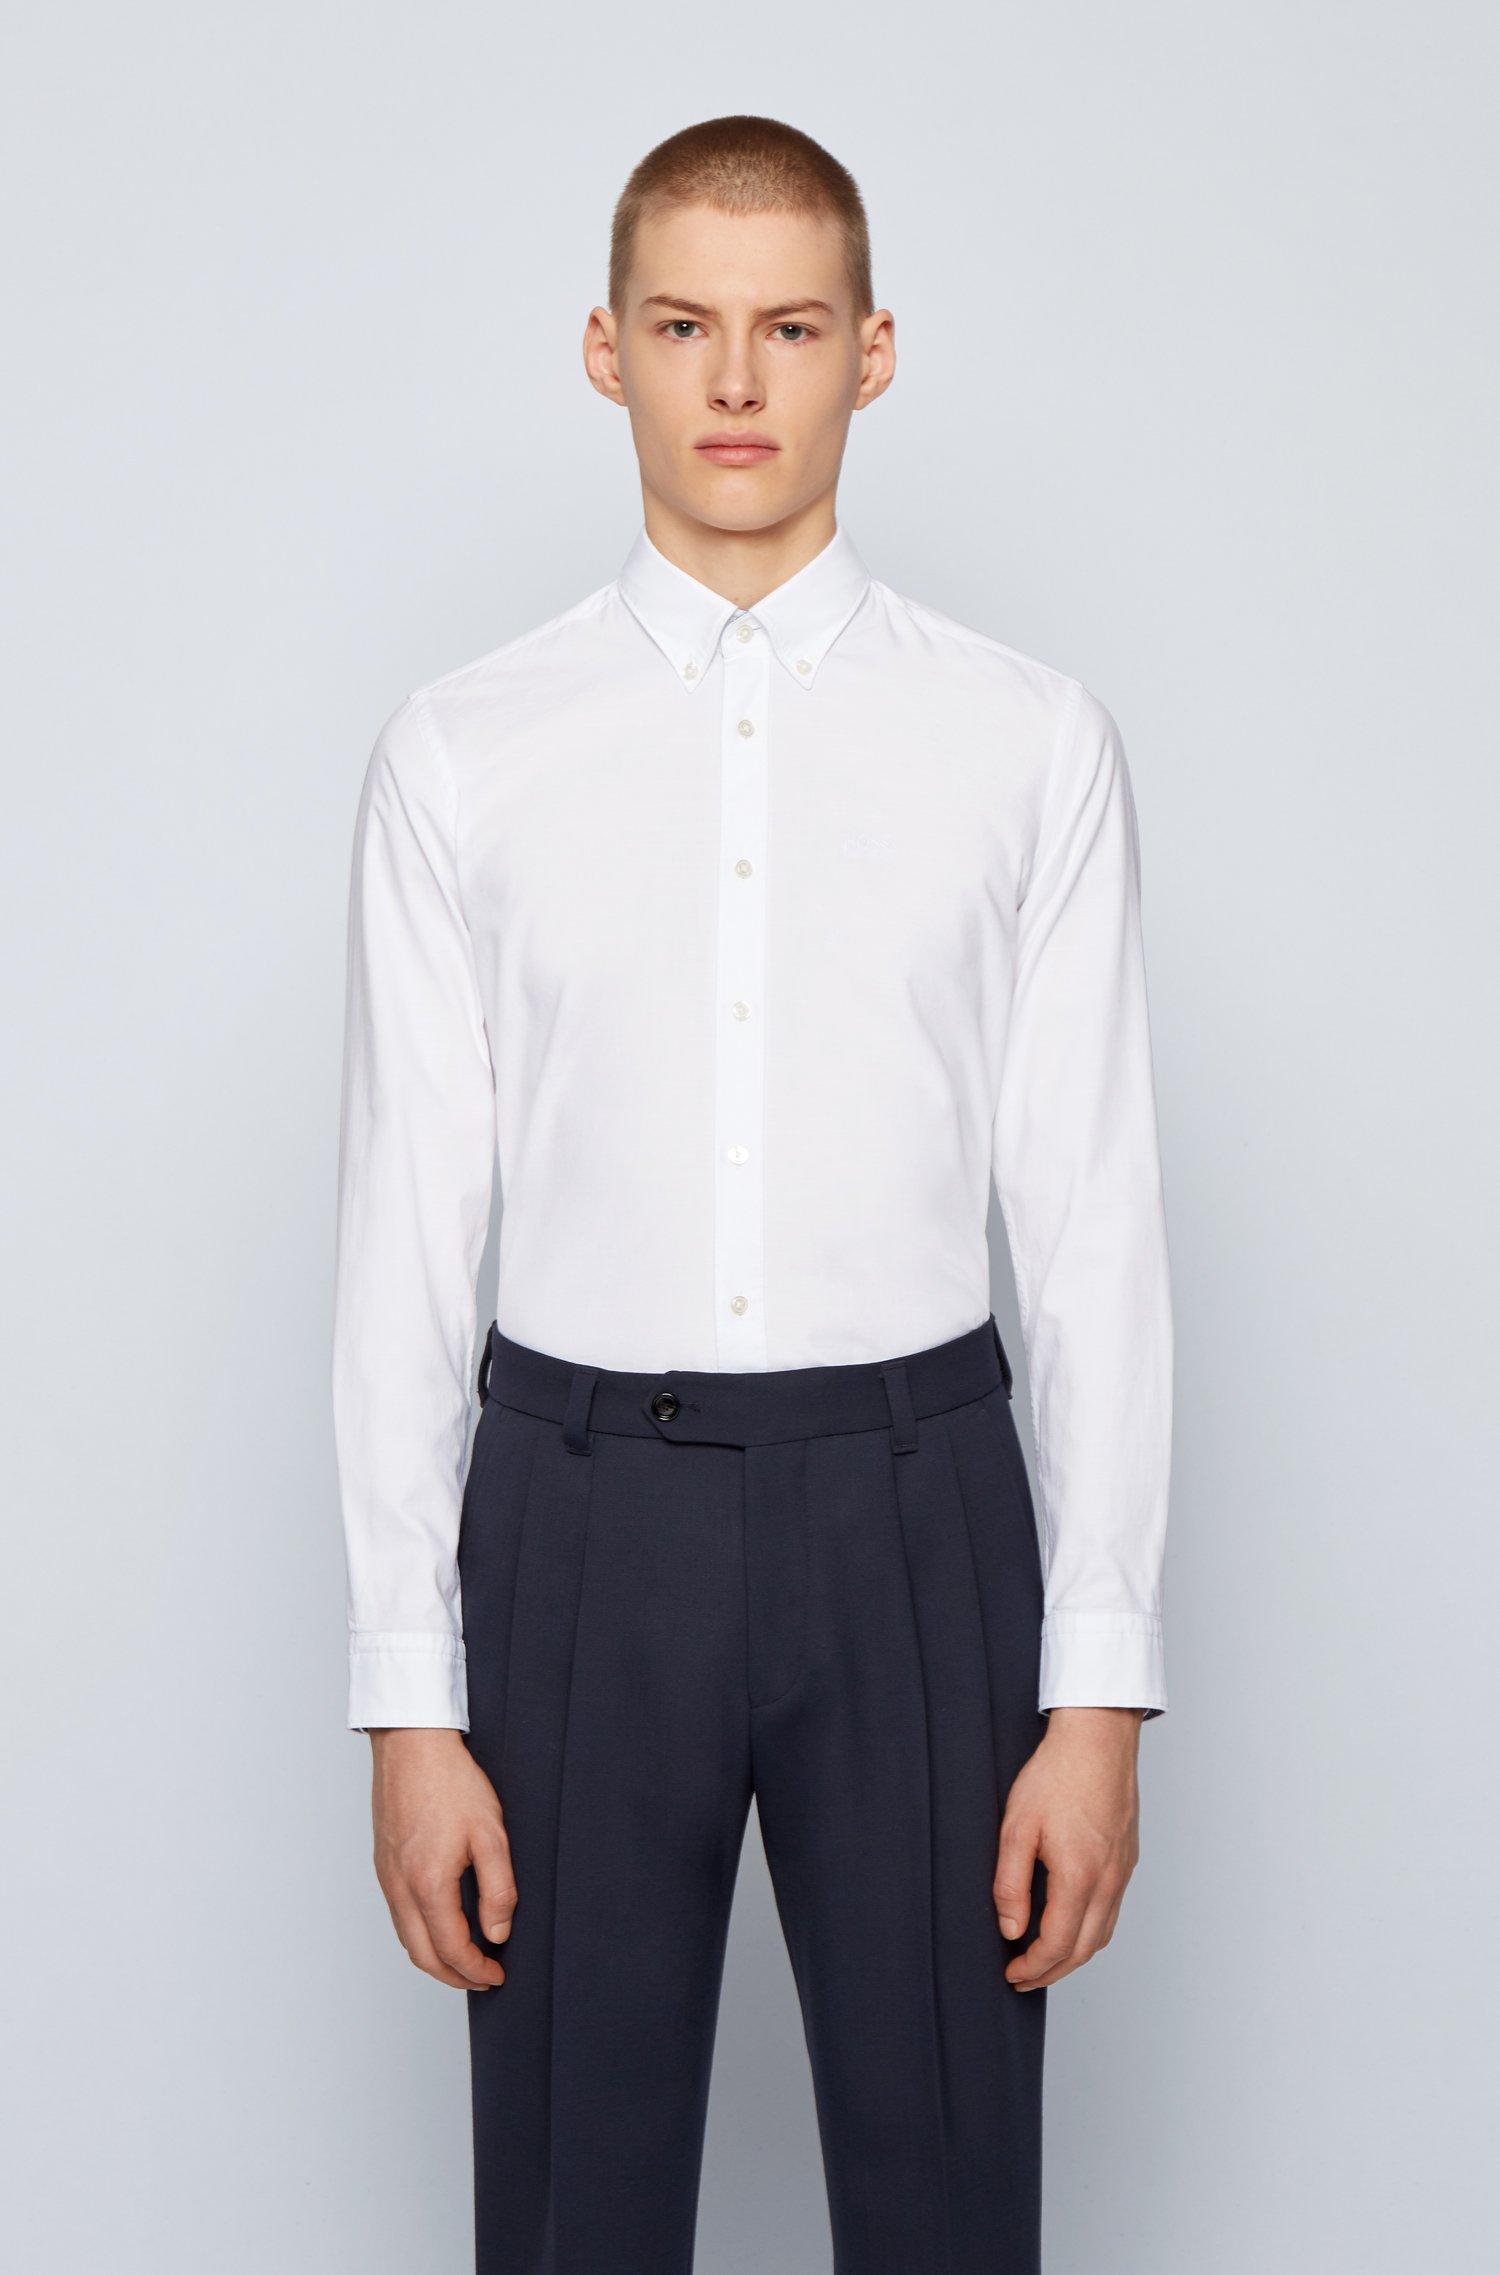 Chemise Slim Fit en coton Oxford stretch, avec col à pointes boutonnées, Blanc